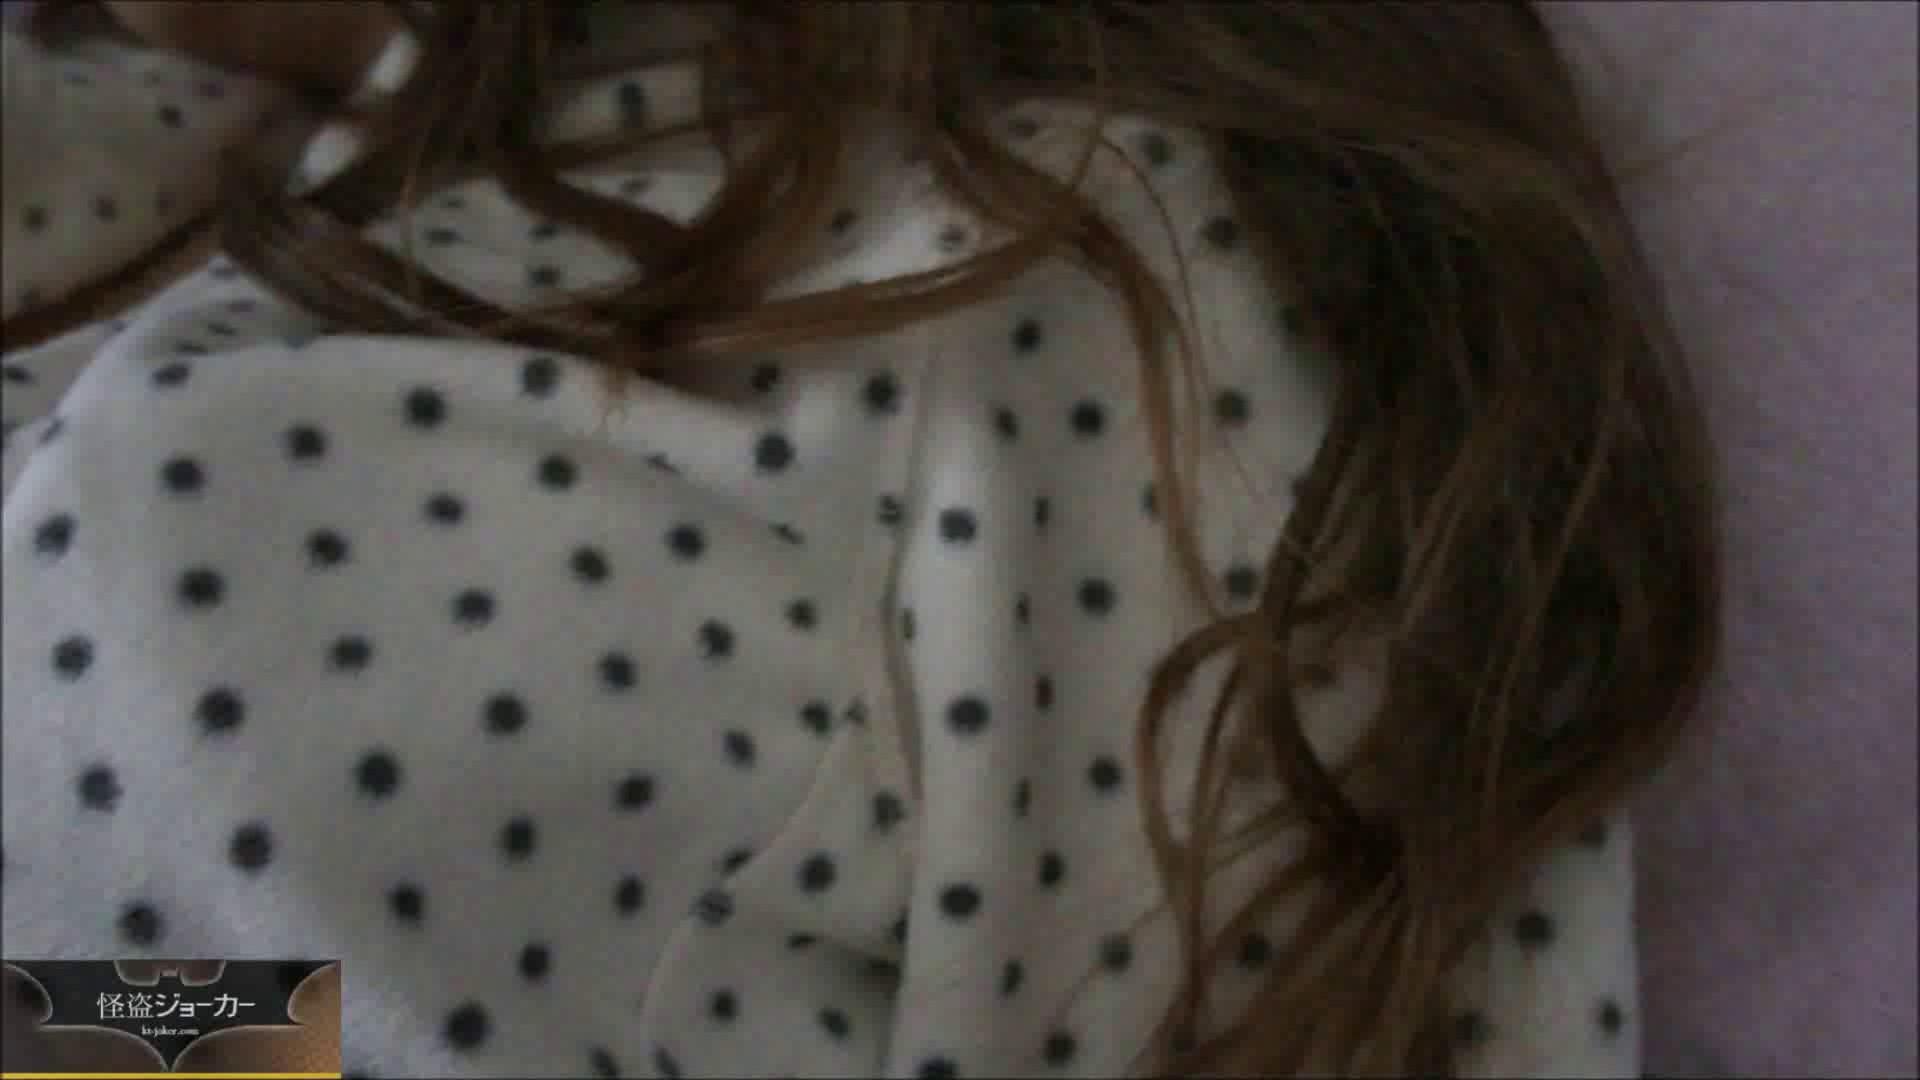 【未公開】vol.1 【ユリナの実女市・ヒトミ】若ママを目民らせて・・・ 知人  103連発 33